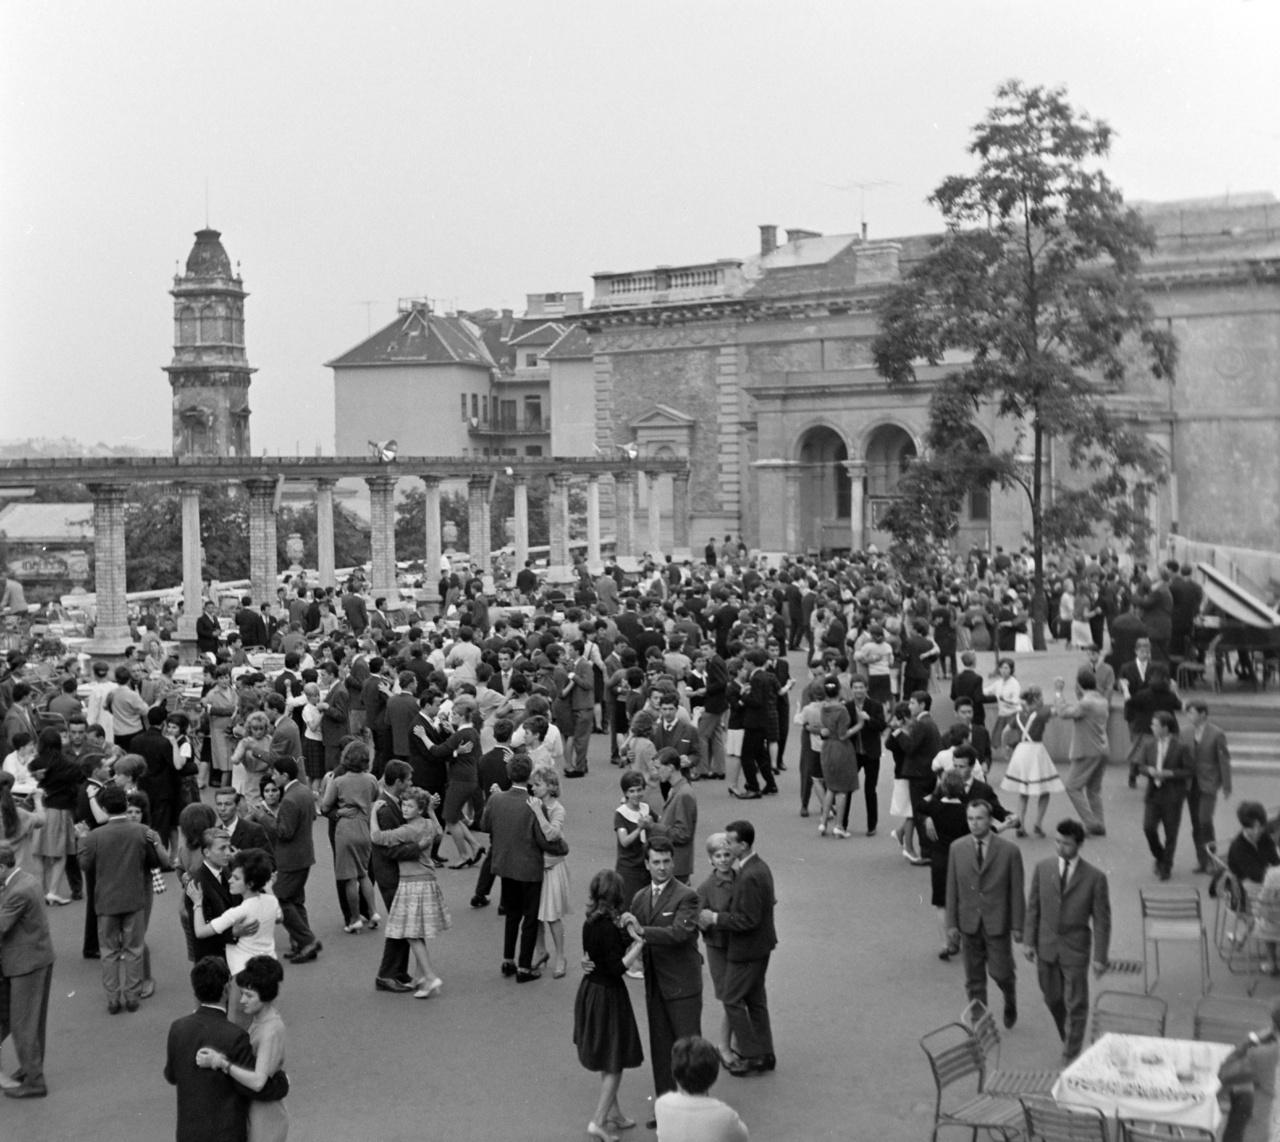 1962-től a Bergendy lett az Ifipark rezidens zenekara, ami  egyrészt rendszeres fizetést jelentett az együttes tagjainak, másrészt pedig ők dönthettek arról, kik léphetnek fel a Parkban.